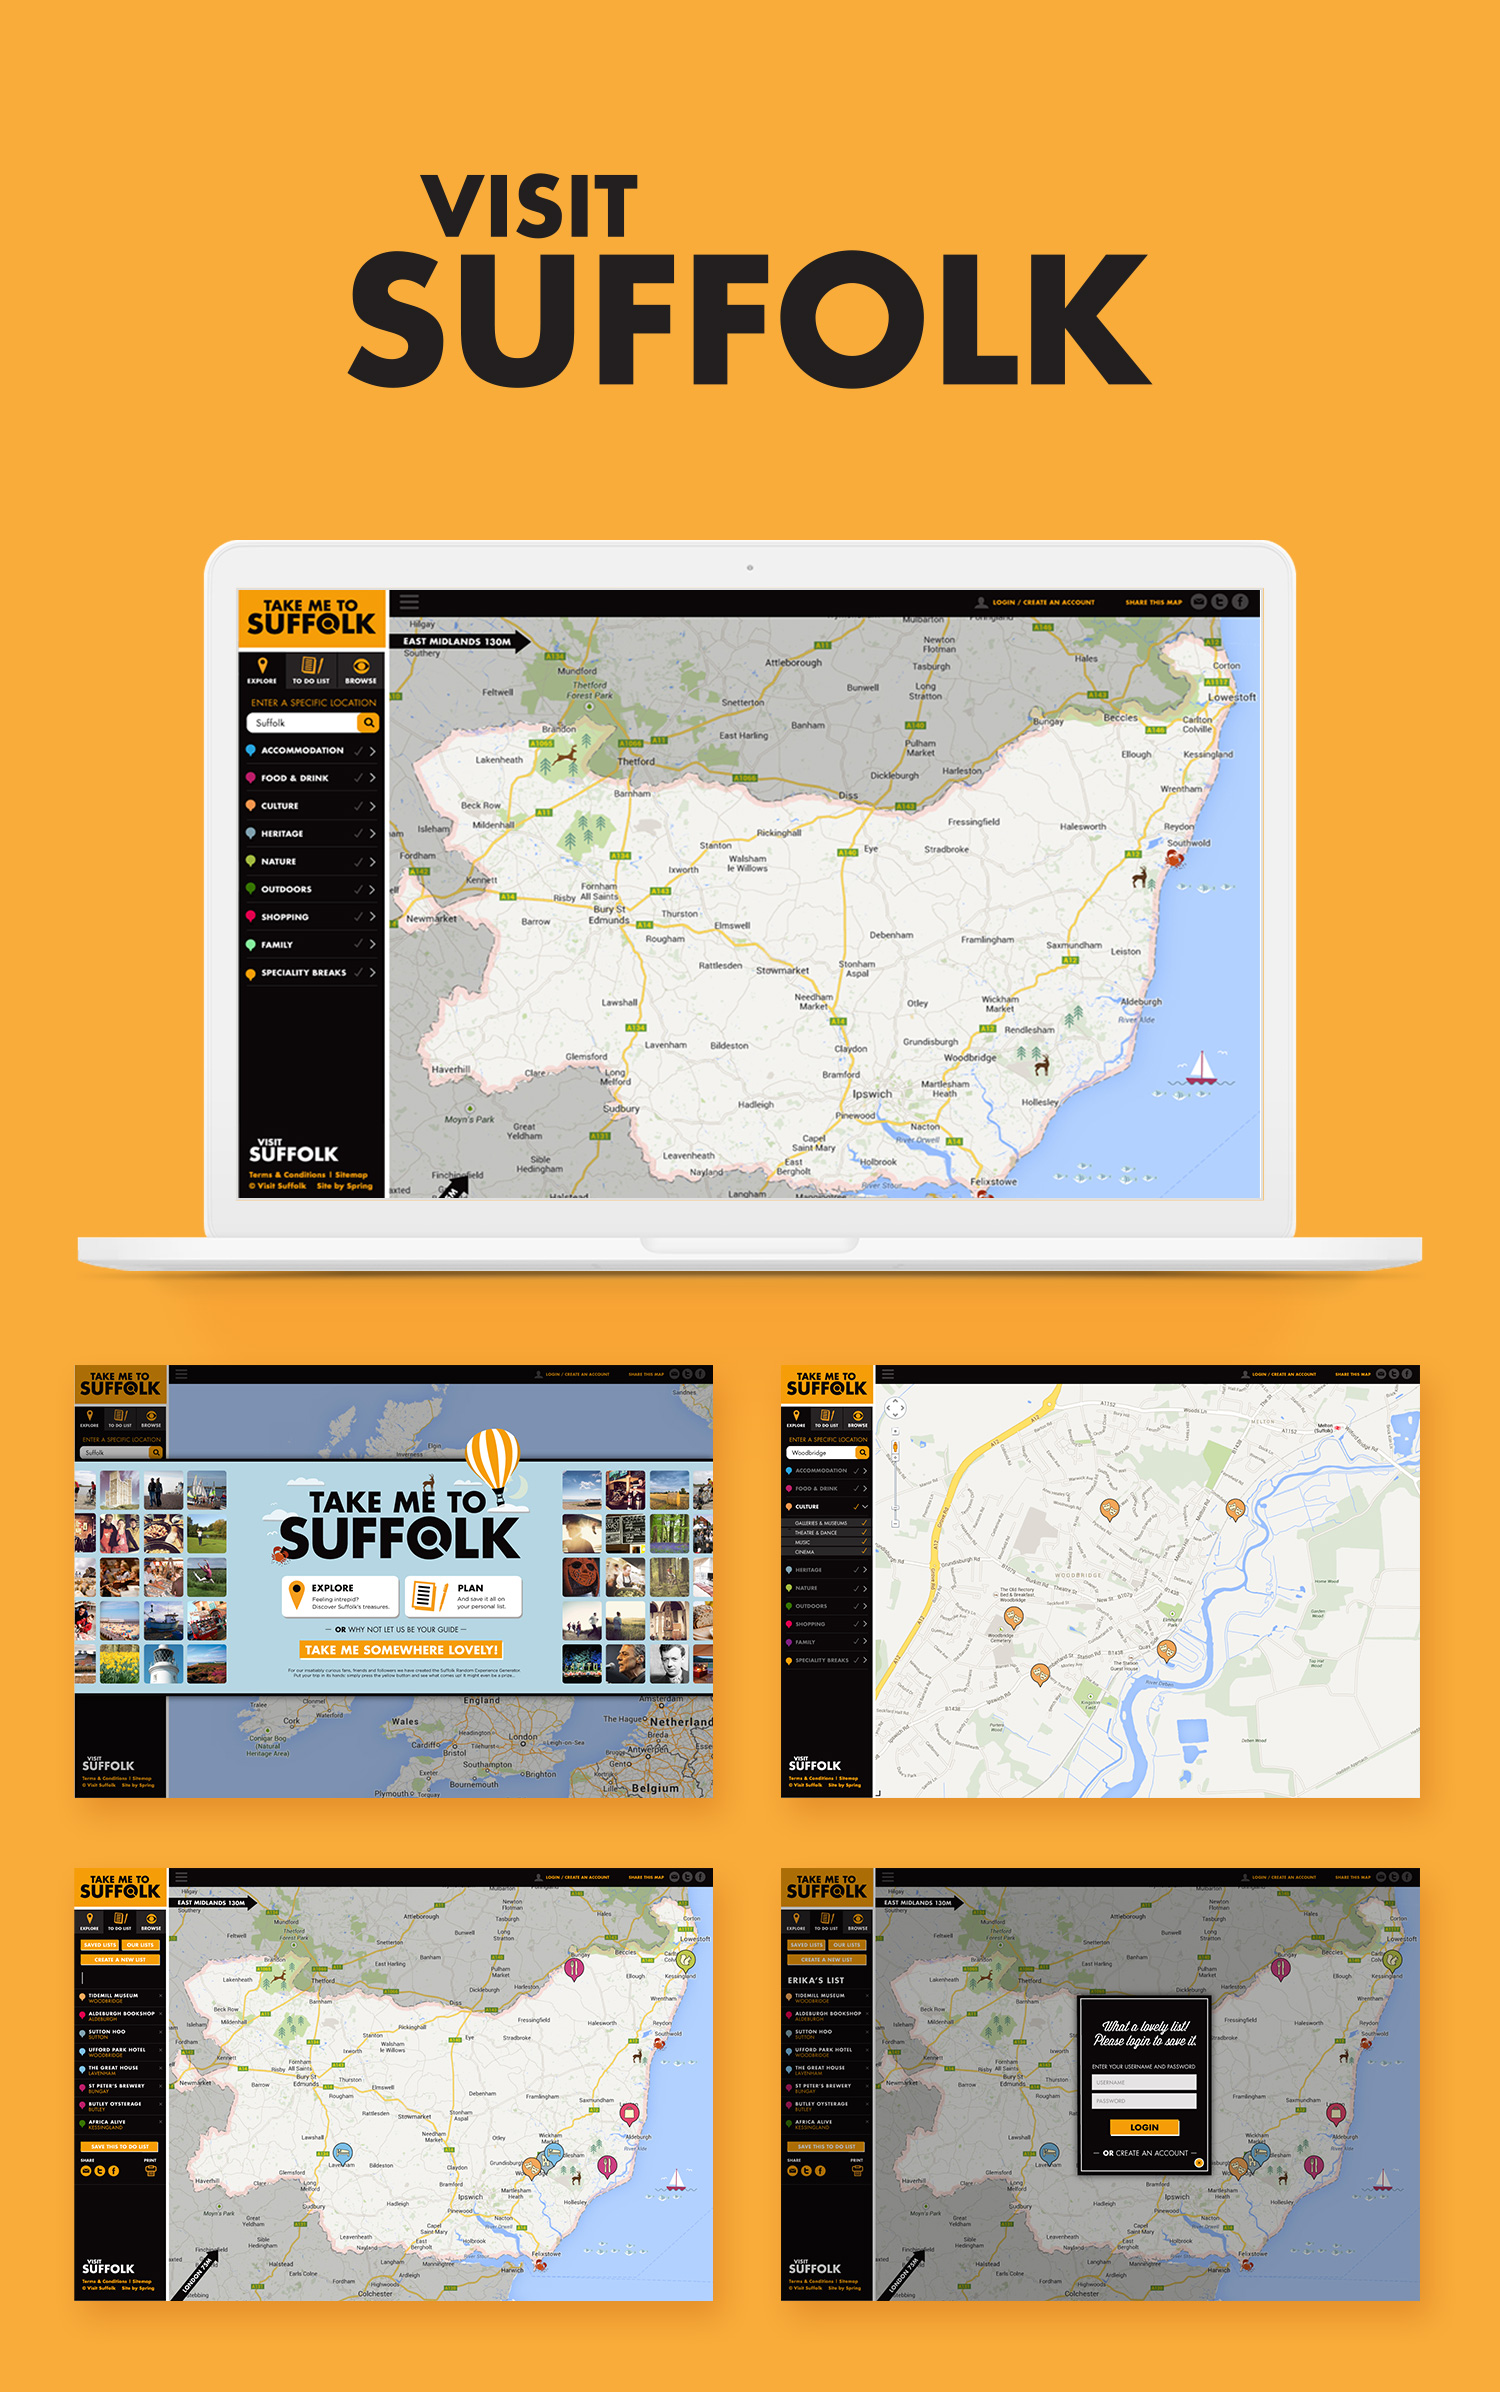 Visit Suffolk Take Me To Suffolk web pages